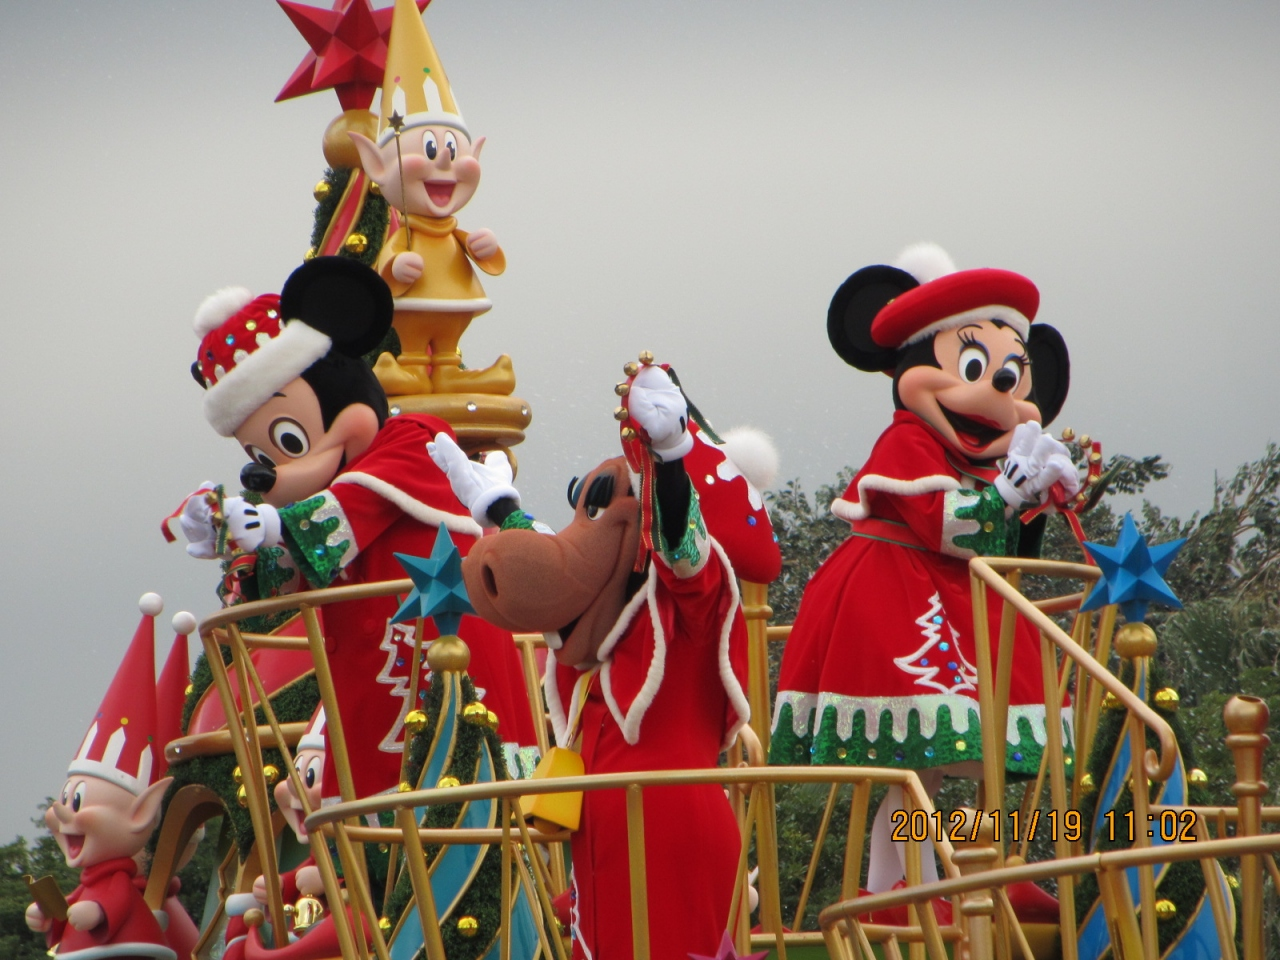 ディズニー2012年11月』東京ディズニーリゾート(千葉県)の旅行記・ブログ